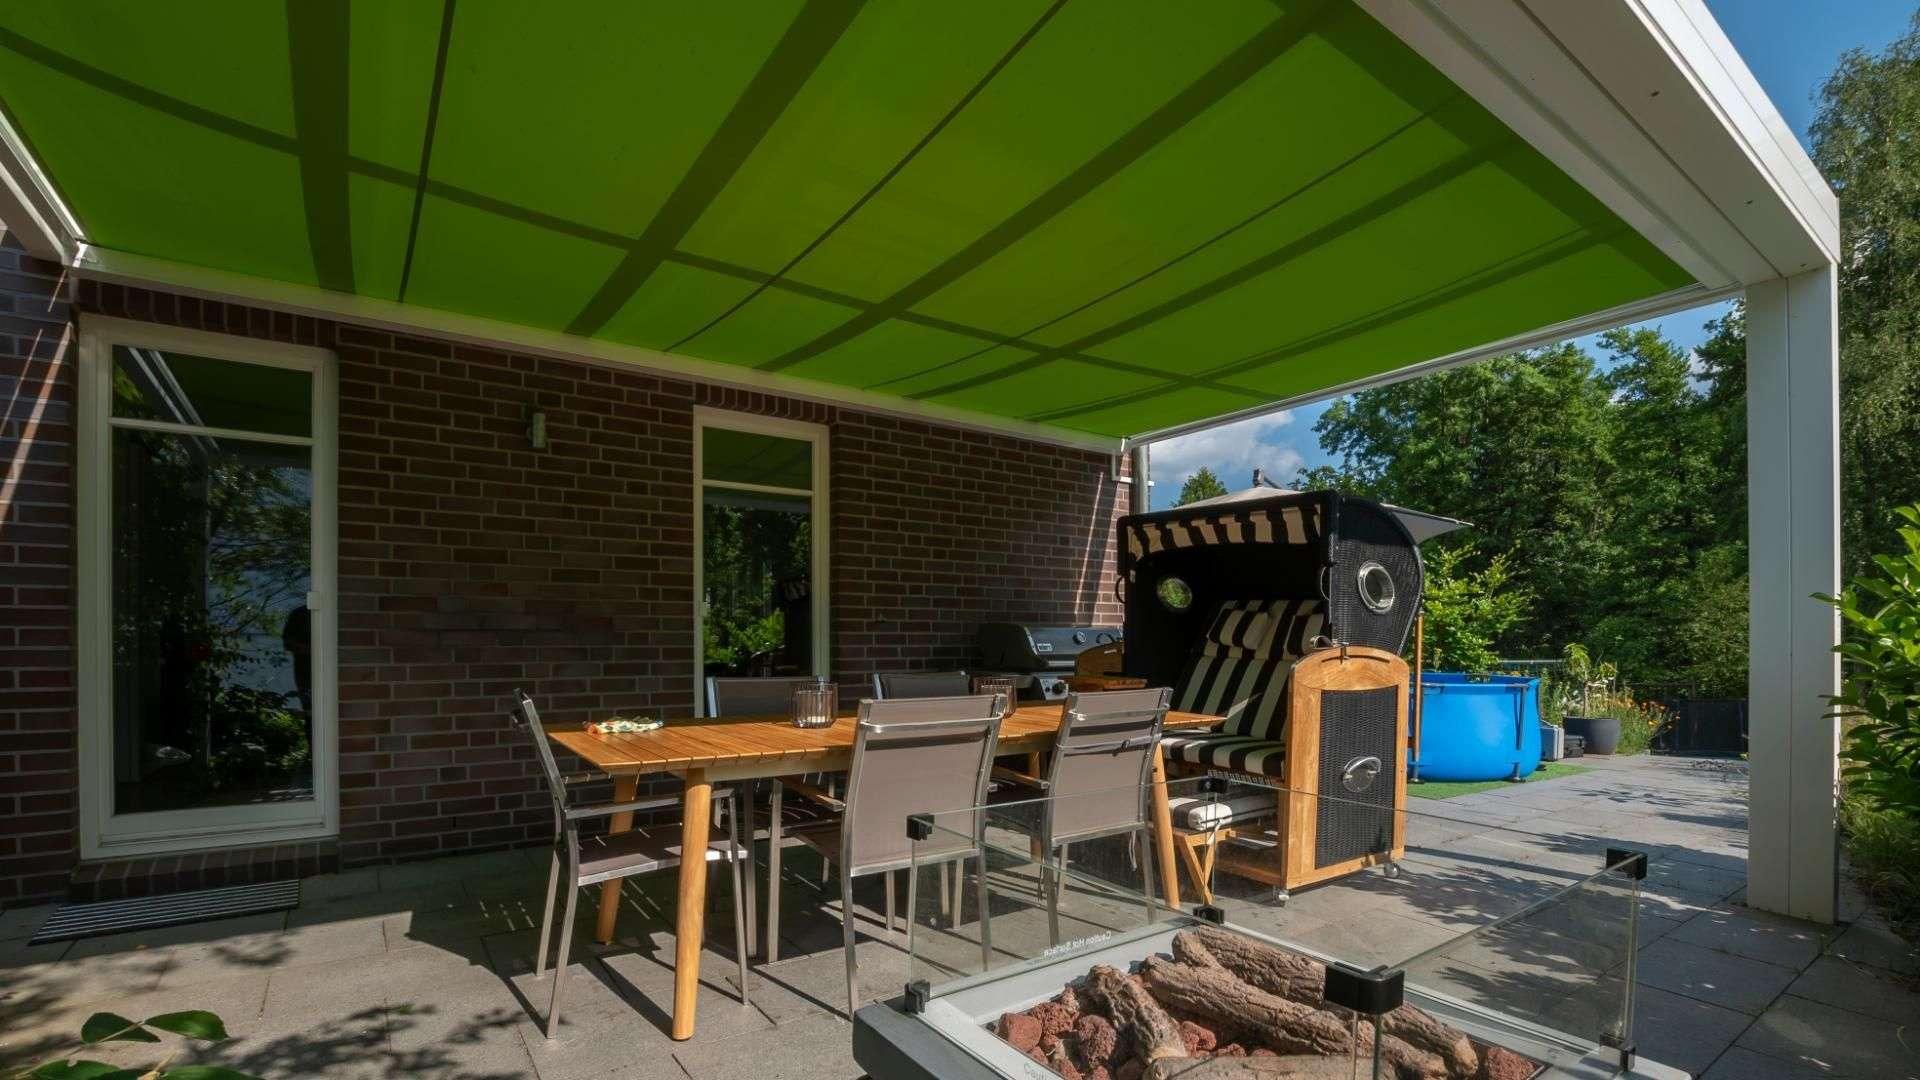 grüne Unterglasmarkise unter einem weißen Terrassendach mit Esstisch und Strandkorb